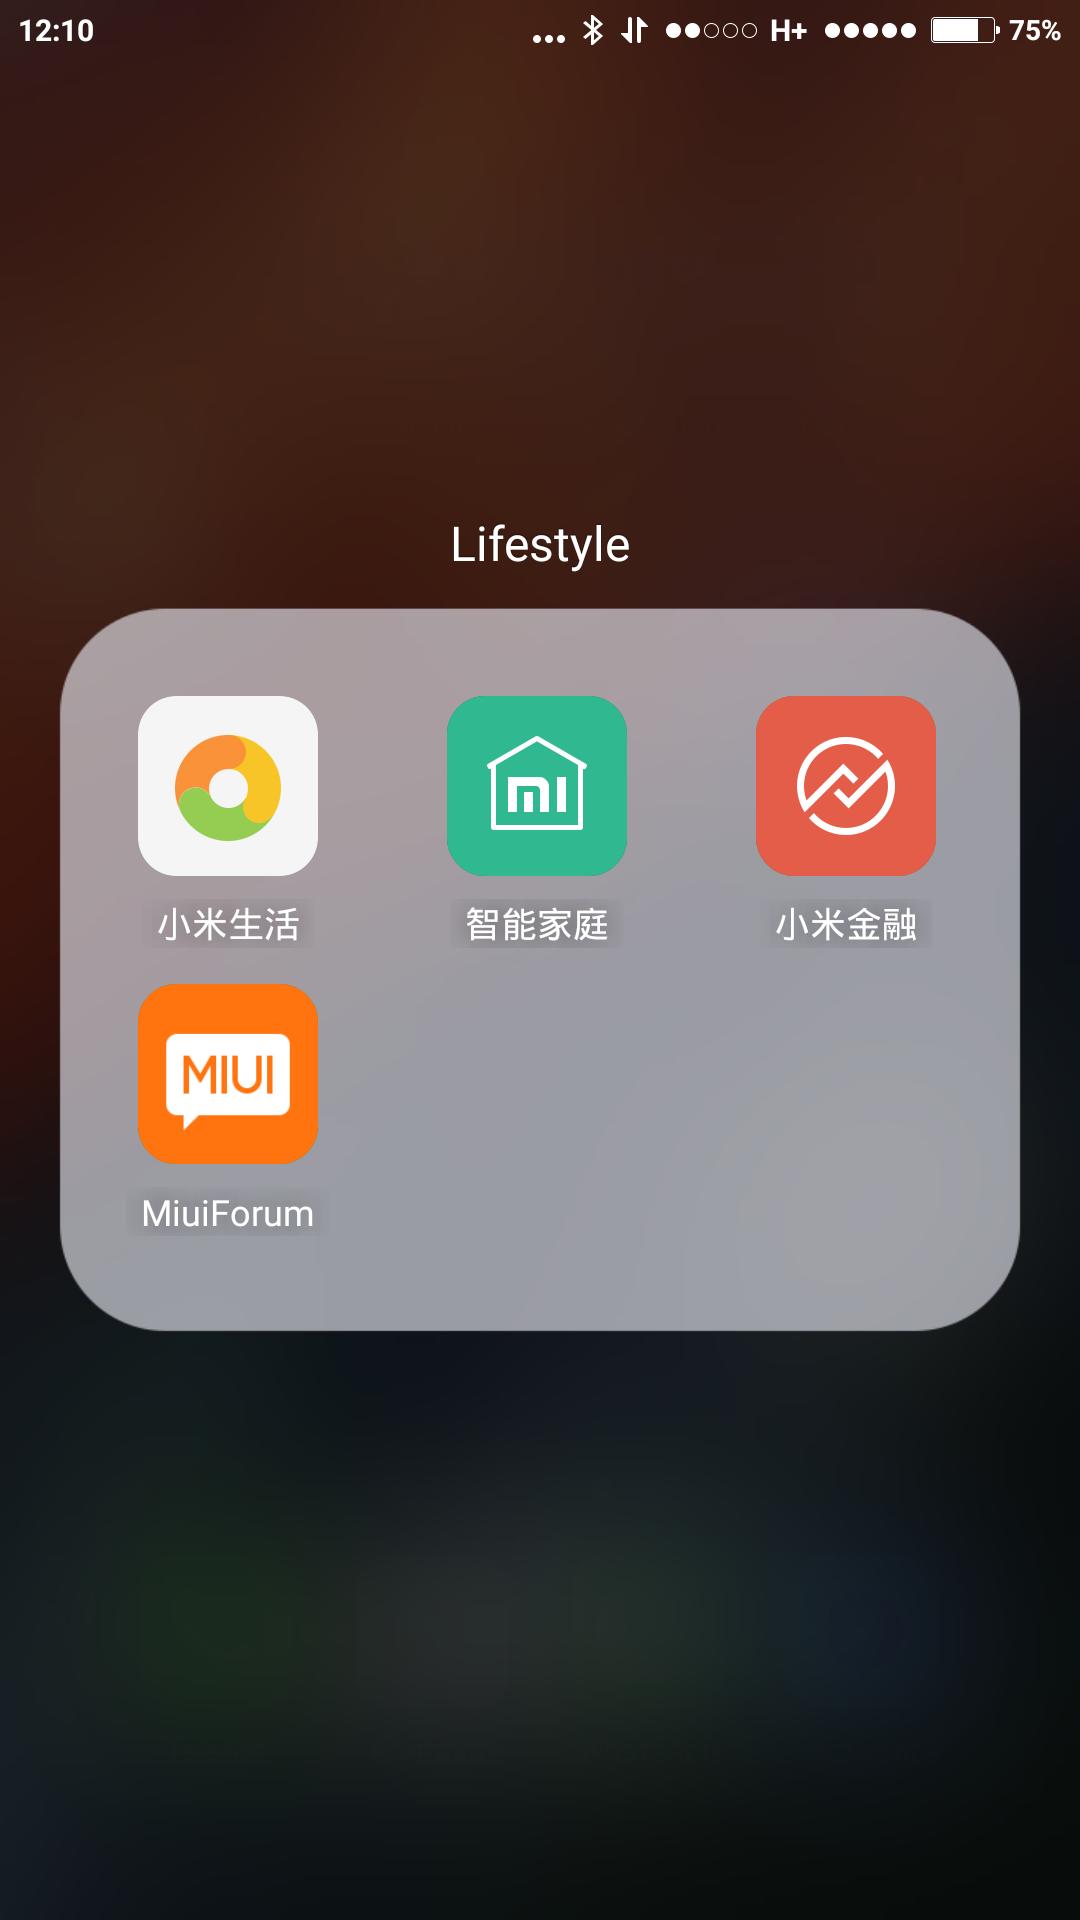 Screenshot_2015-10-30-12-10-47_com.miui.home.png